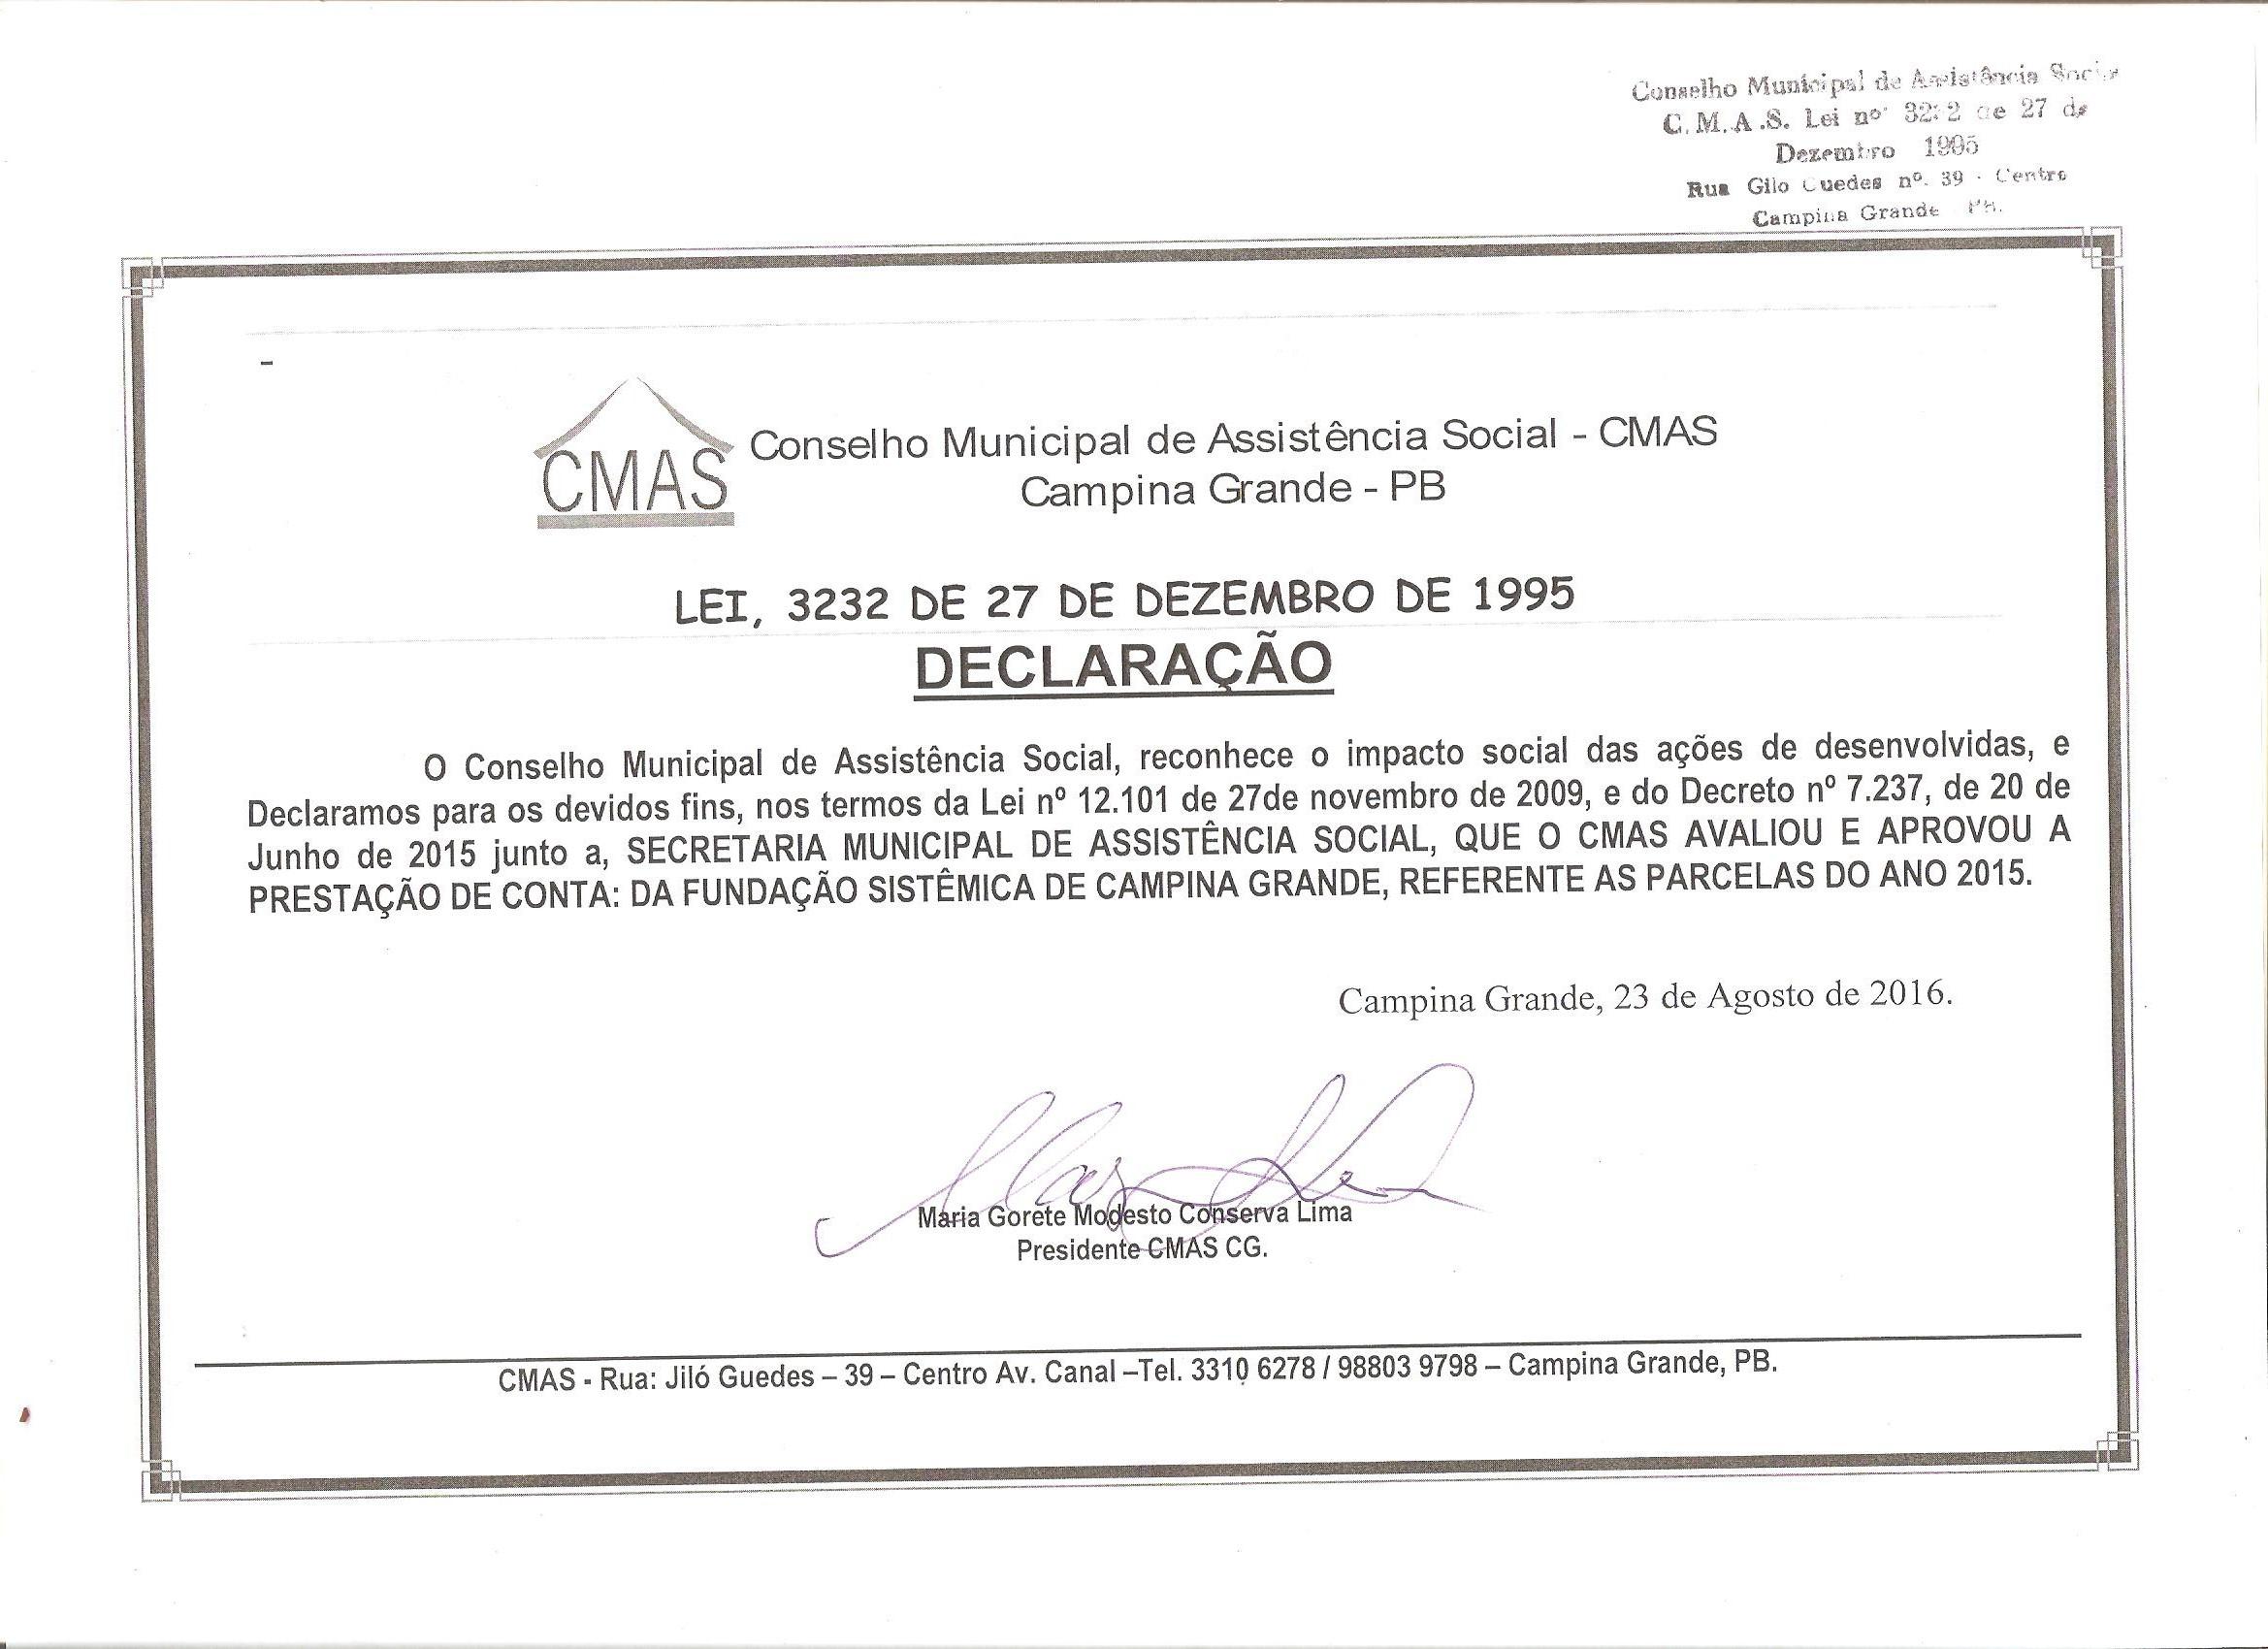 Declaração CMAS CG